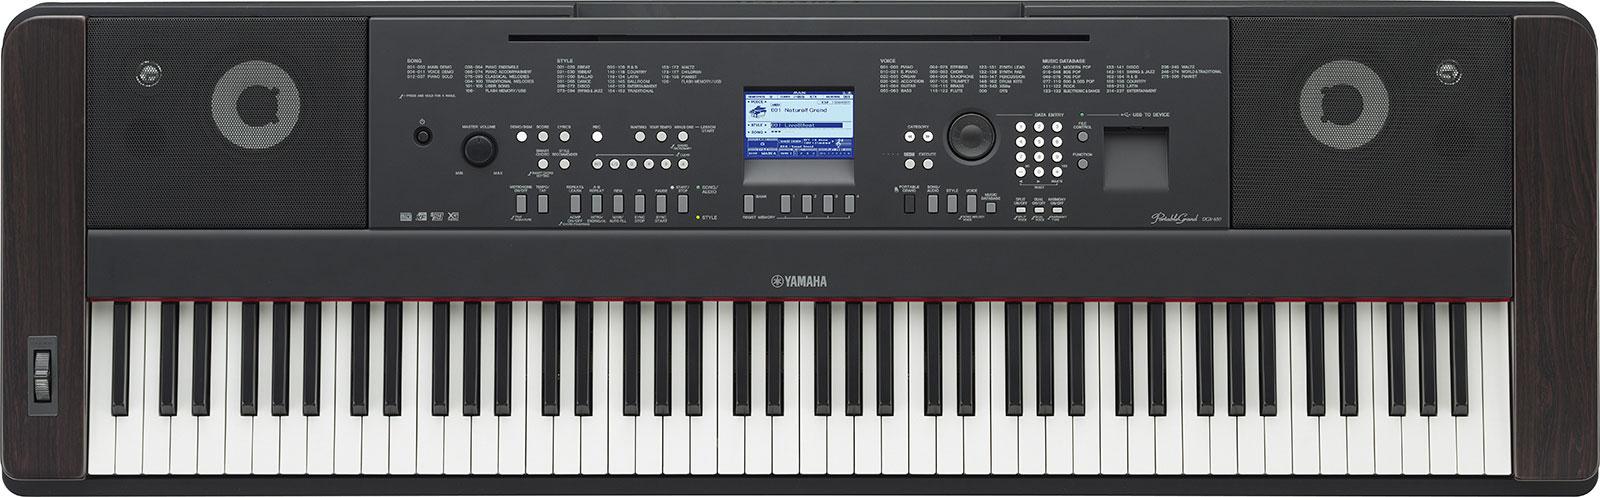 Dgx Yamaha Piano